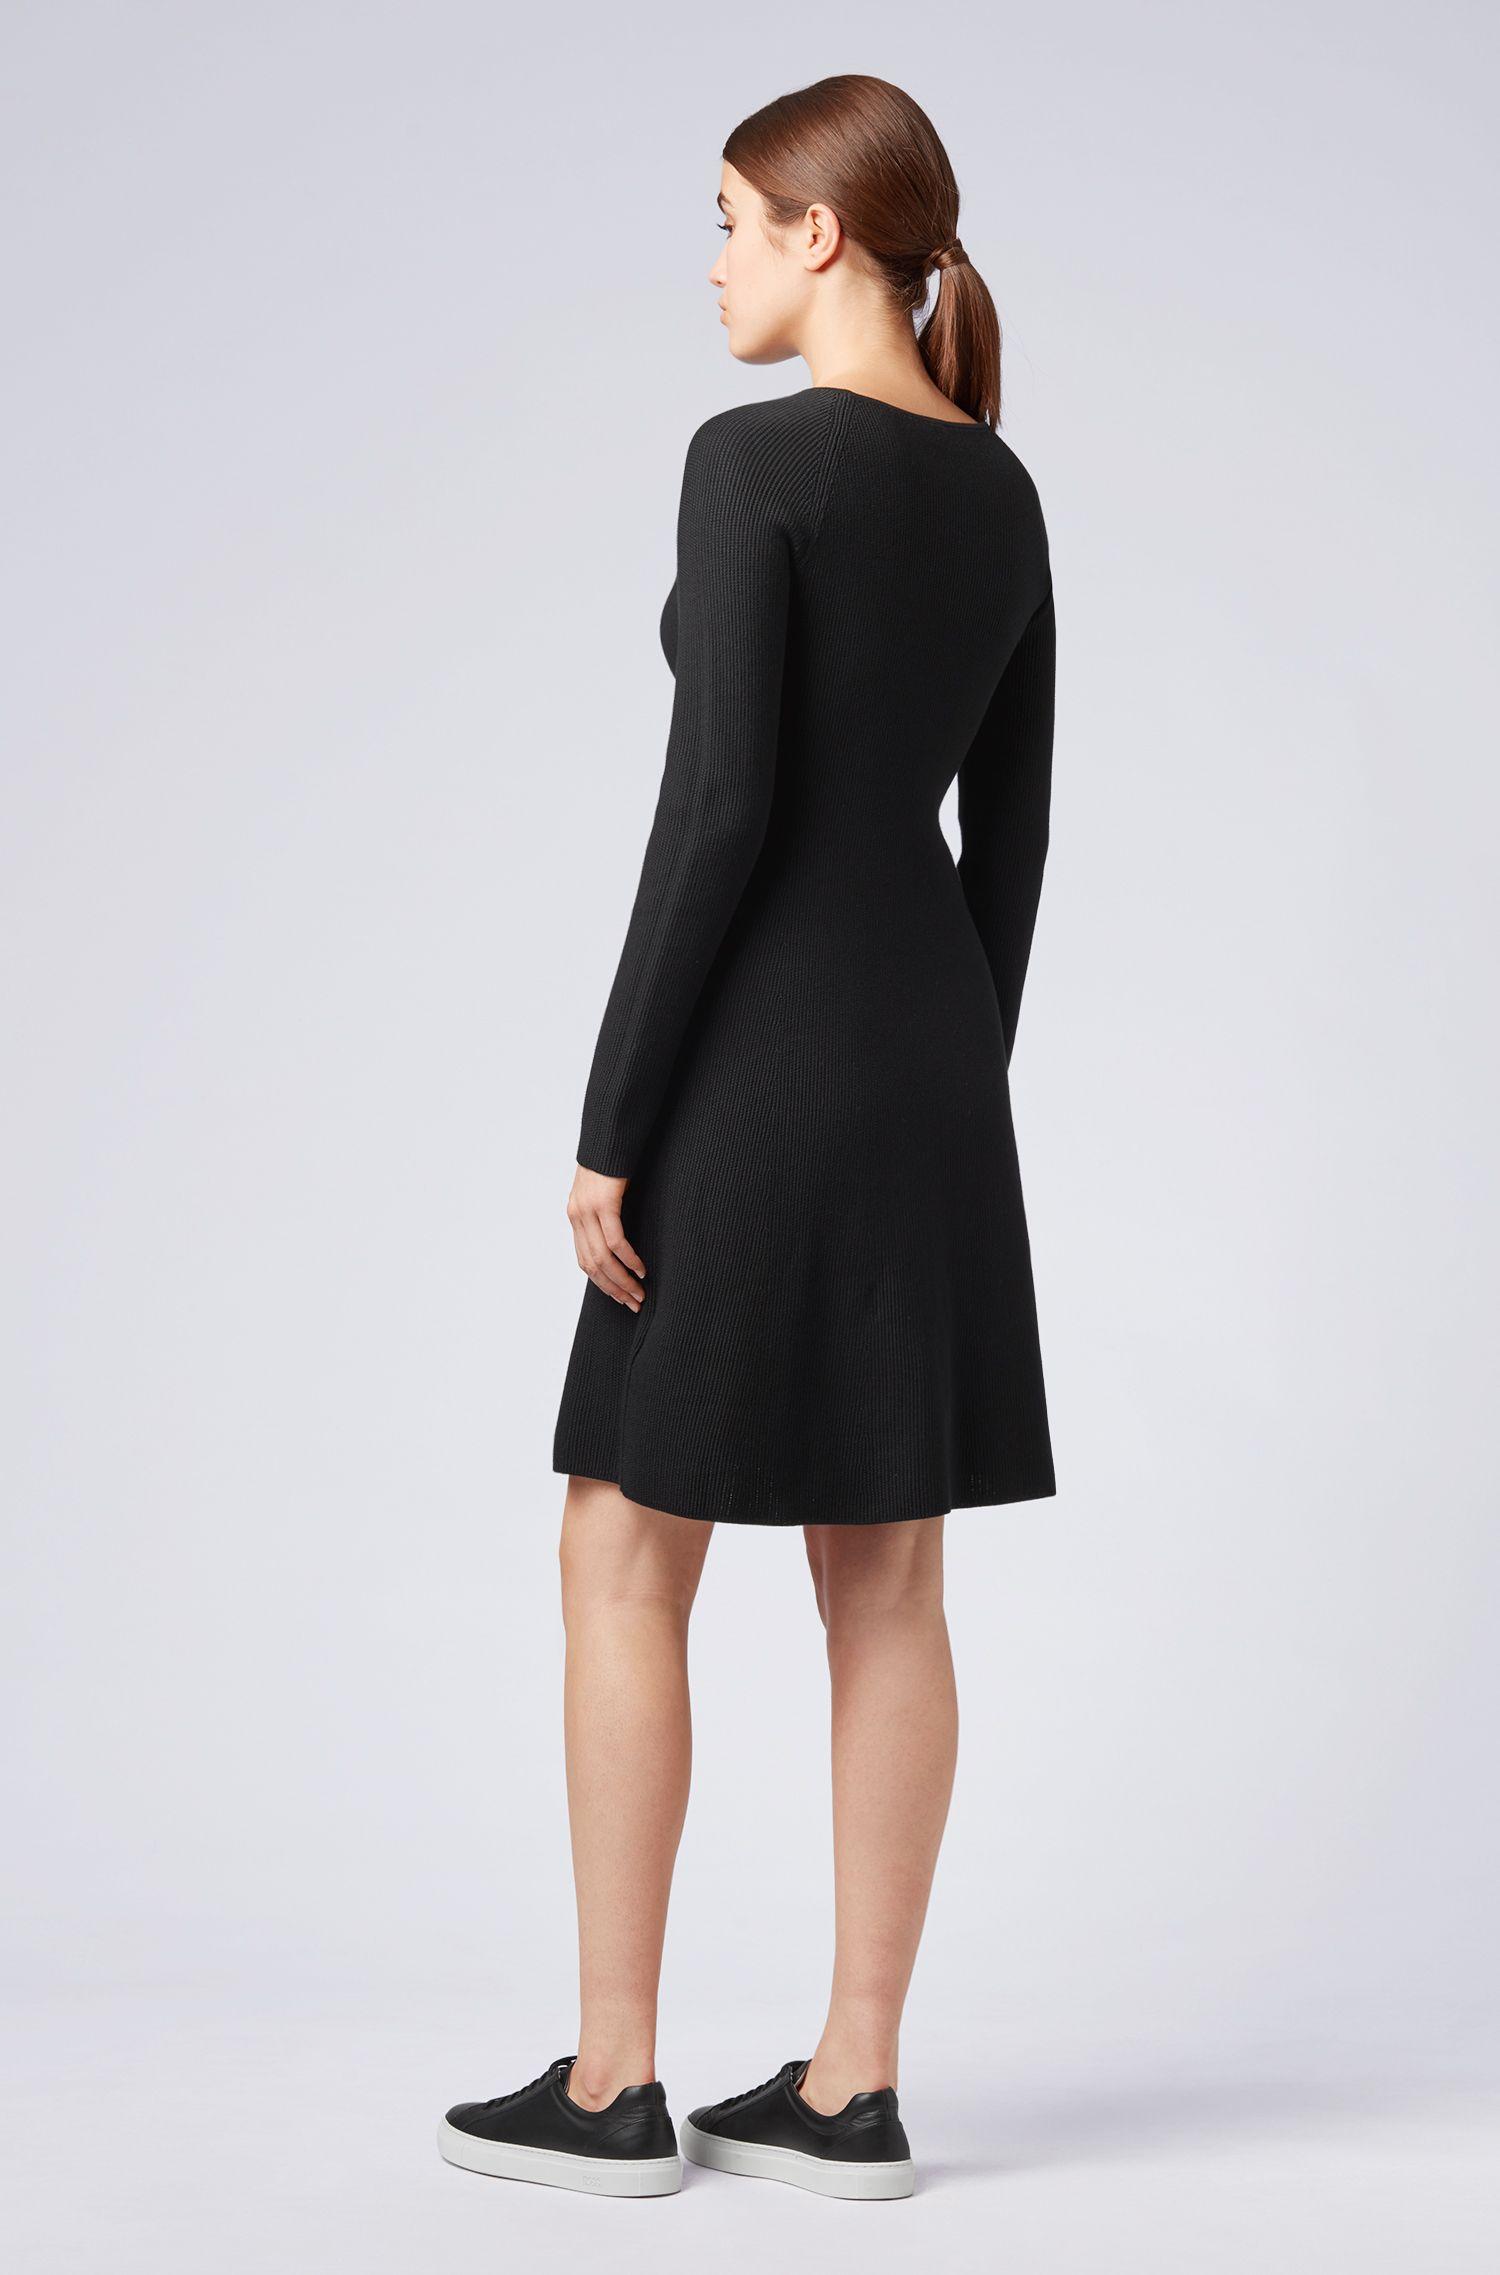 Robe en maille de coton mélangé, avec manches raglan, Noir